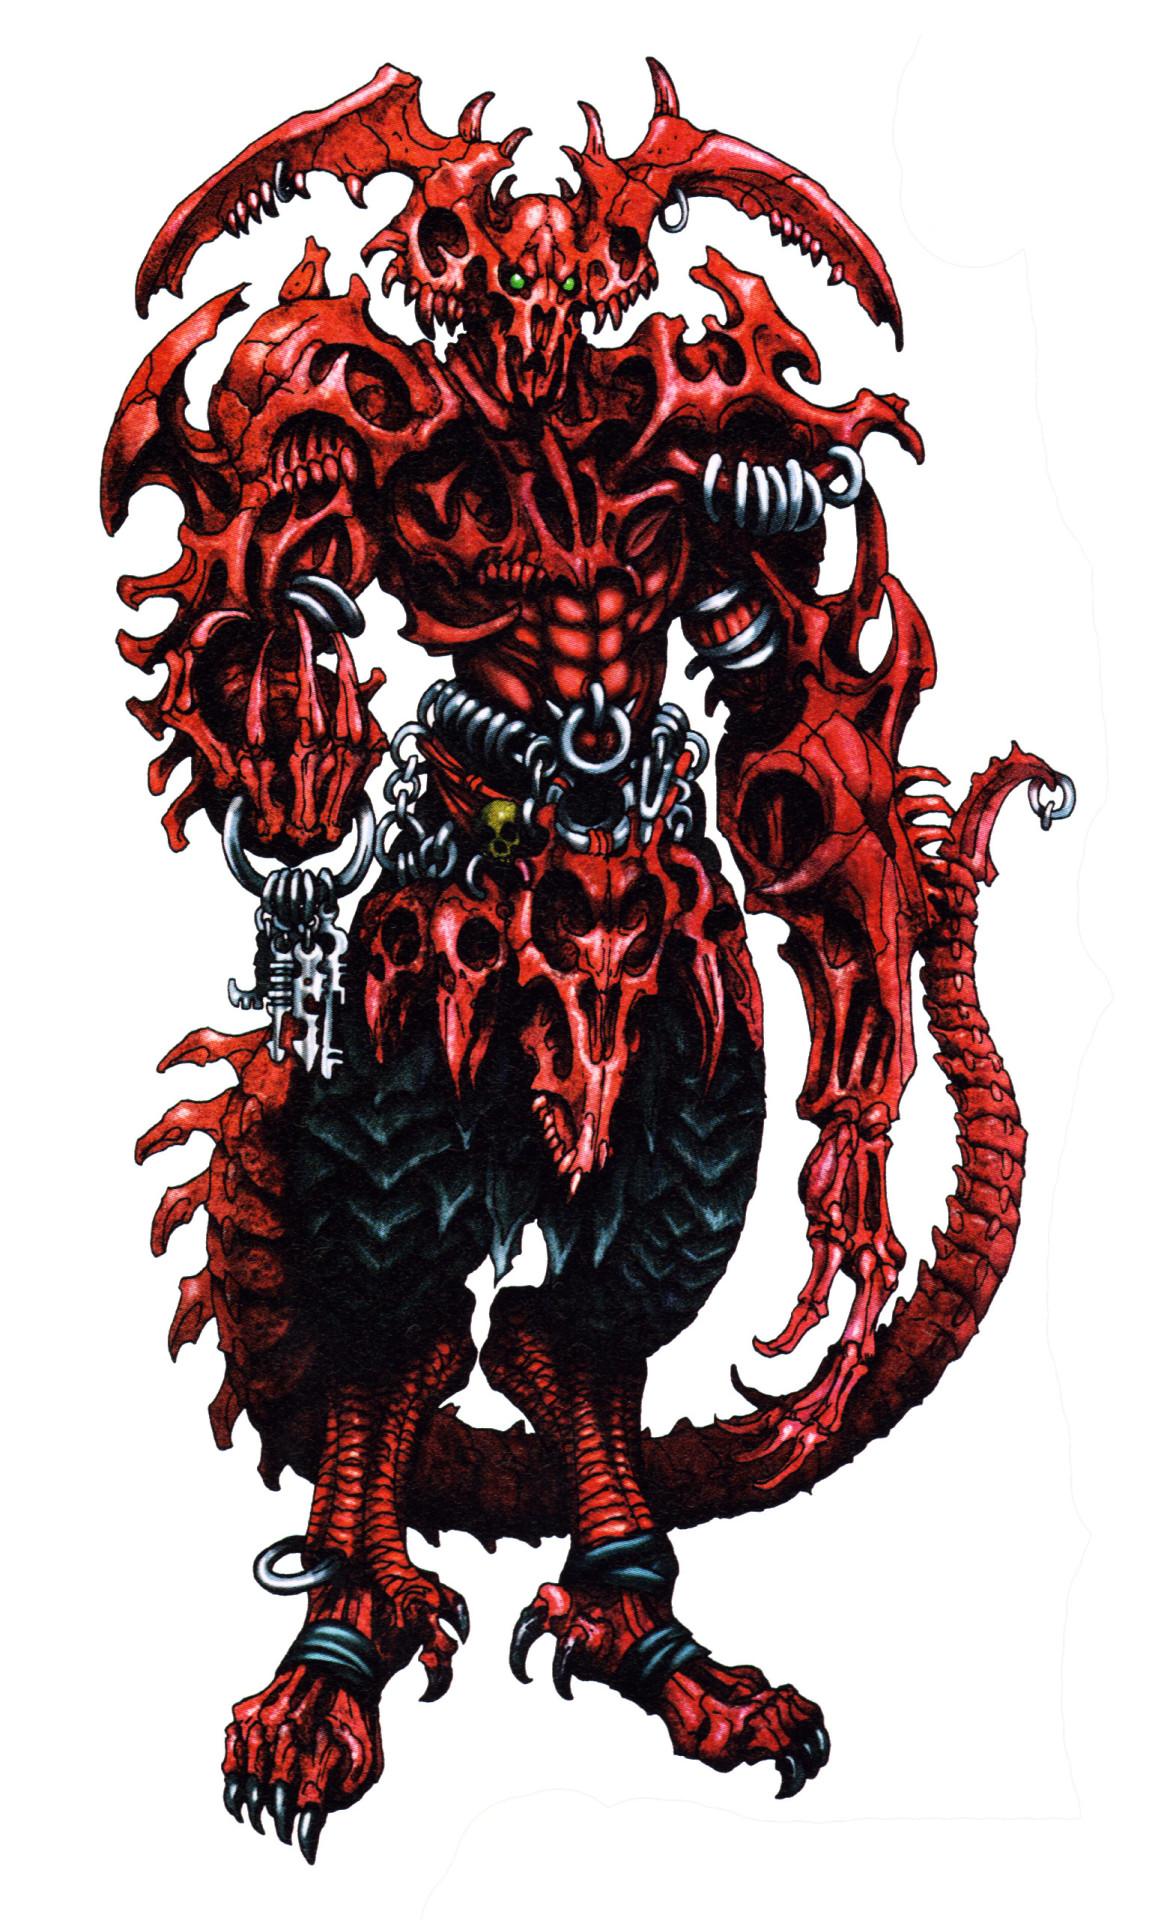 Asmodeus - Megami Tensei Wiki: a Demonic Compendium of ...